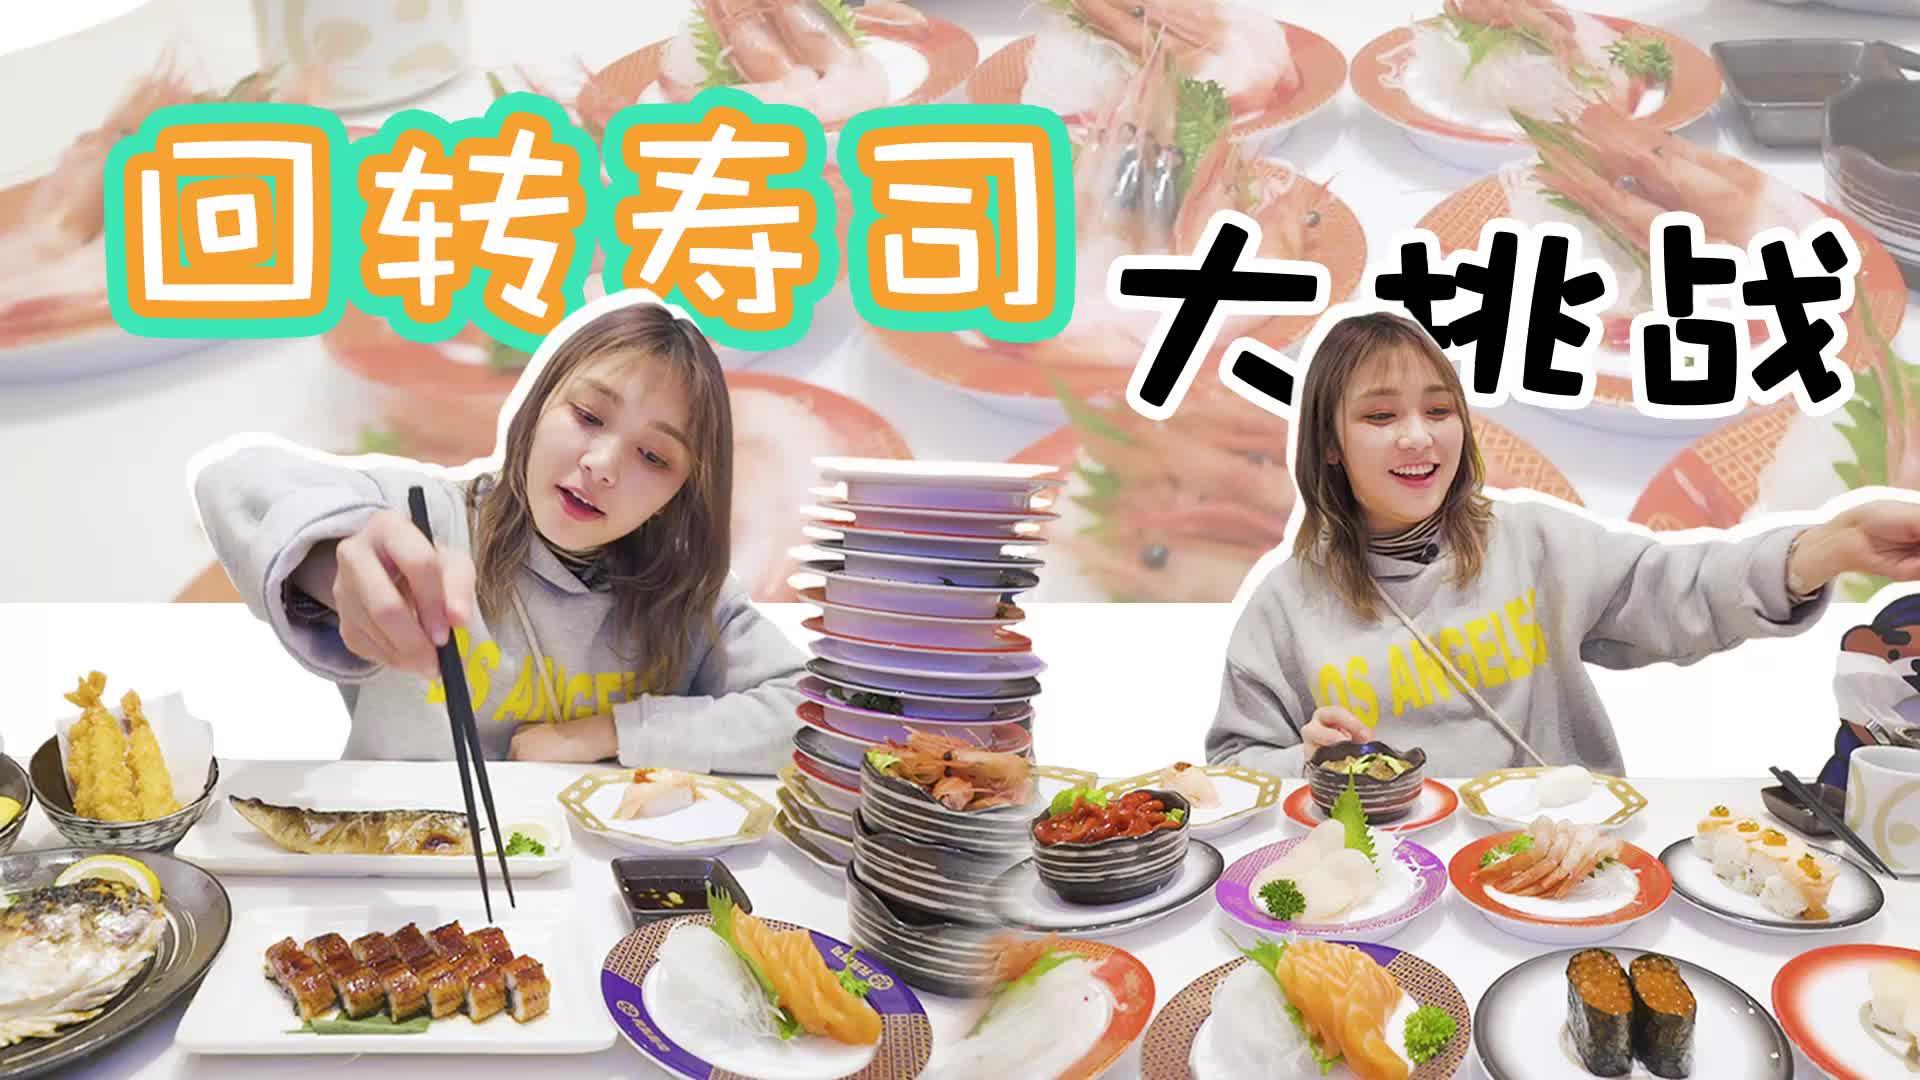 回转寿司吃到够,再来100盘也能吃!